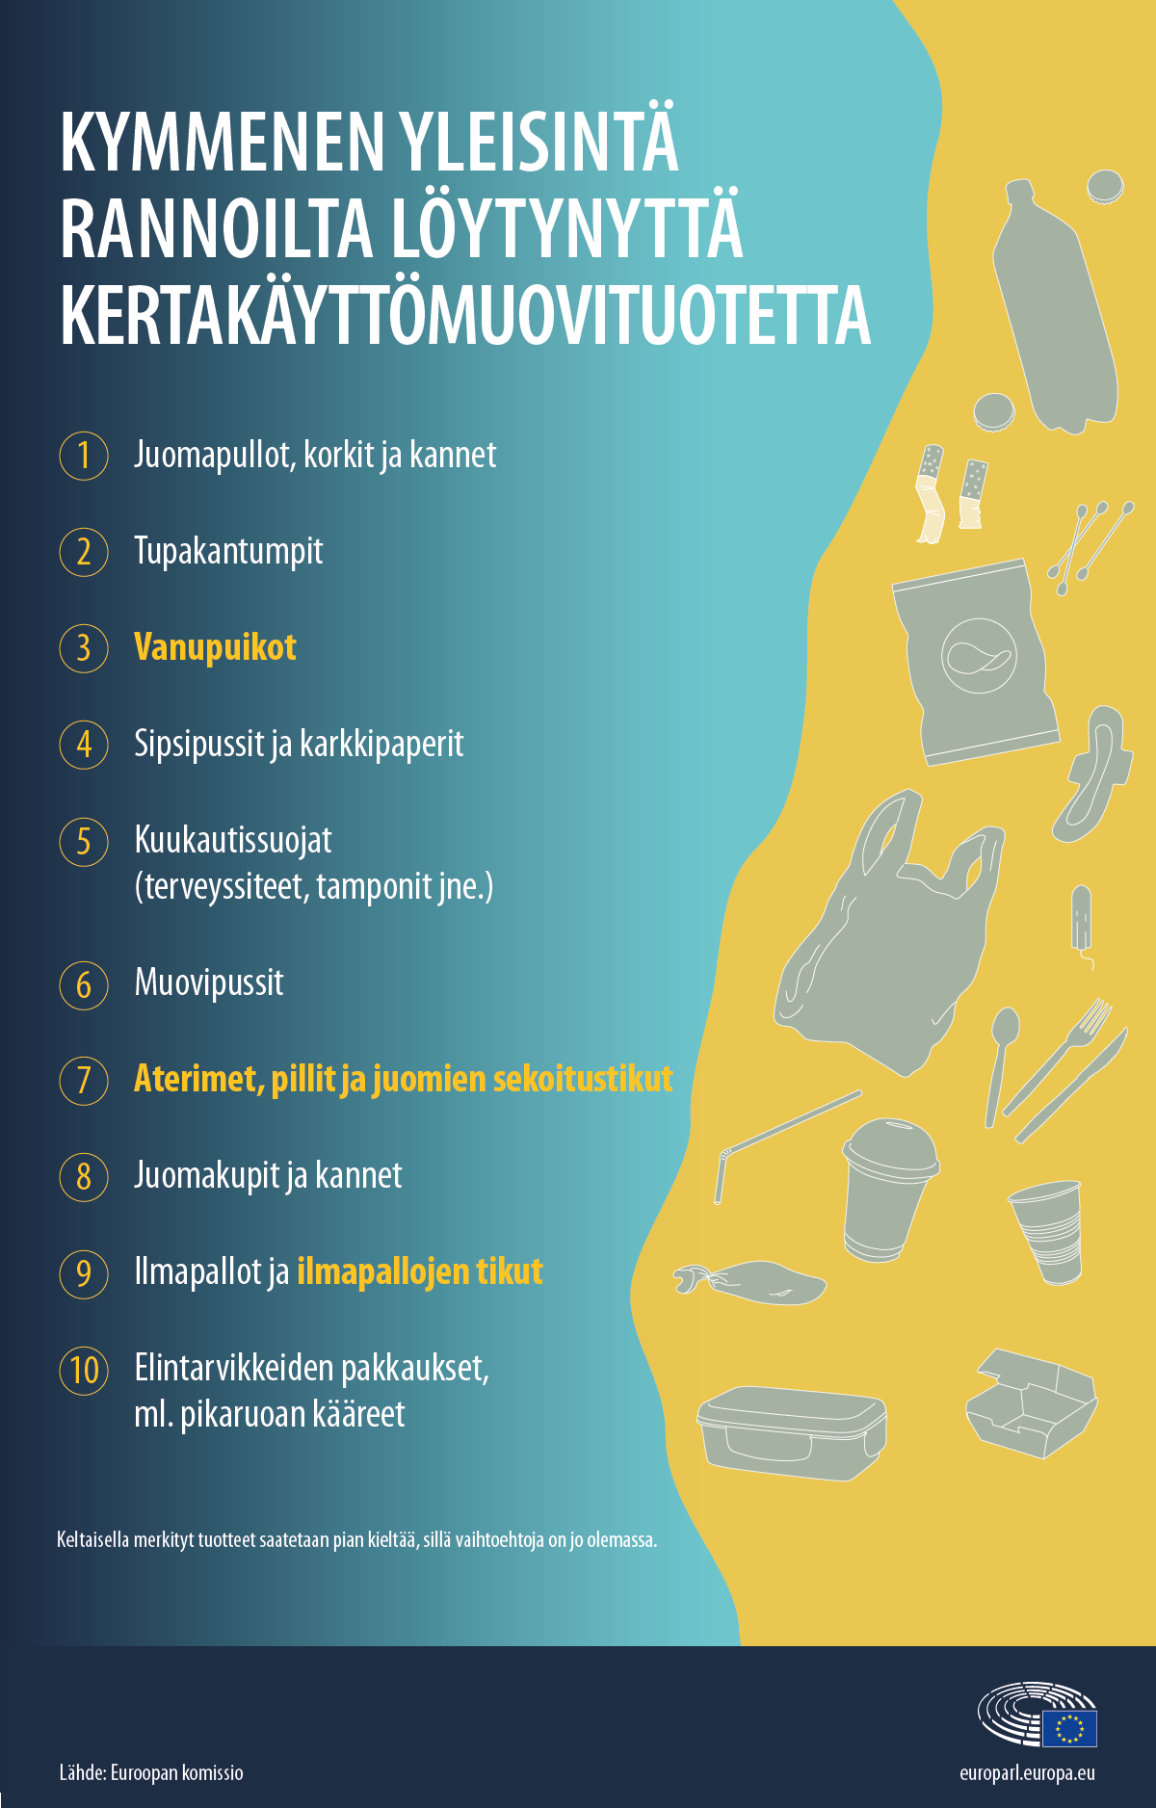 Top 10 yleisintä merestä löytyvää kertakäyttömuovituotetta